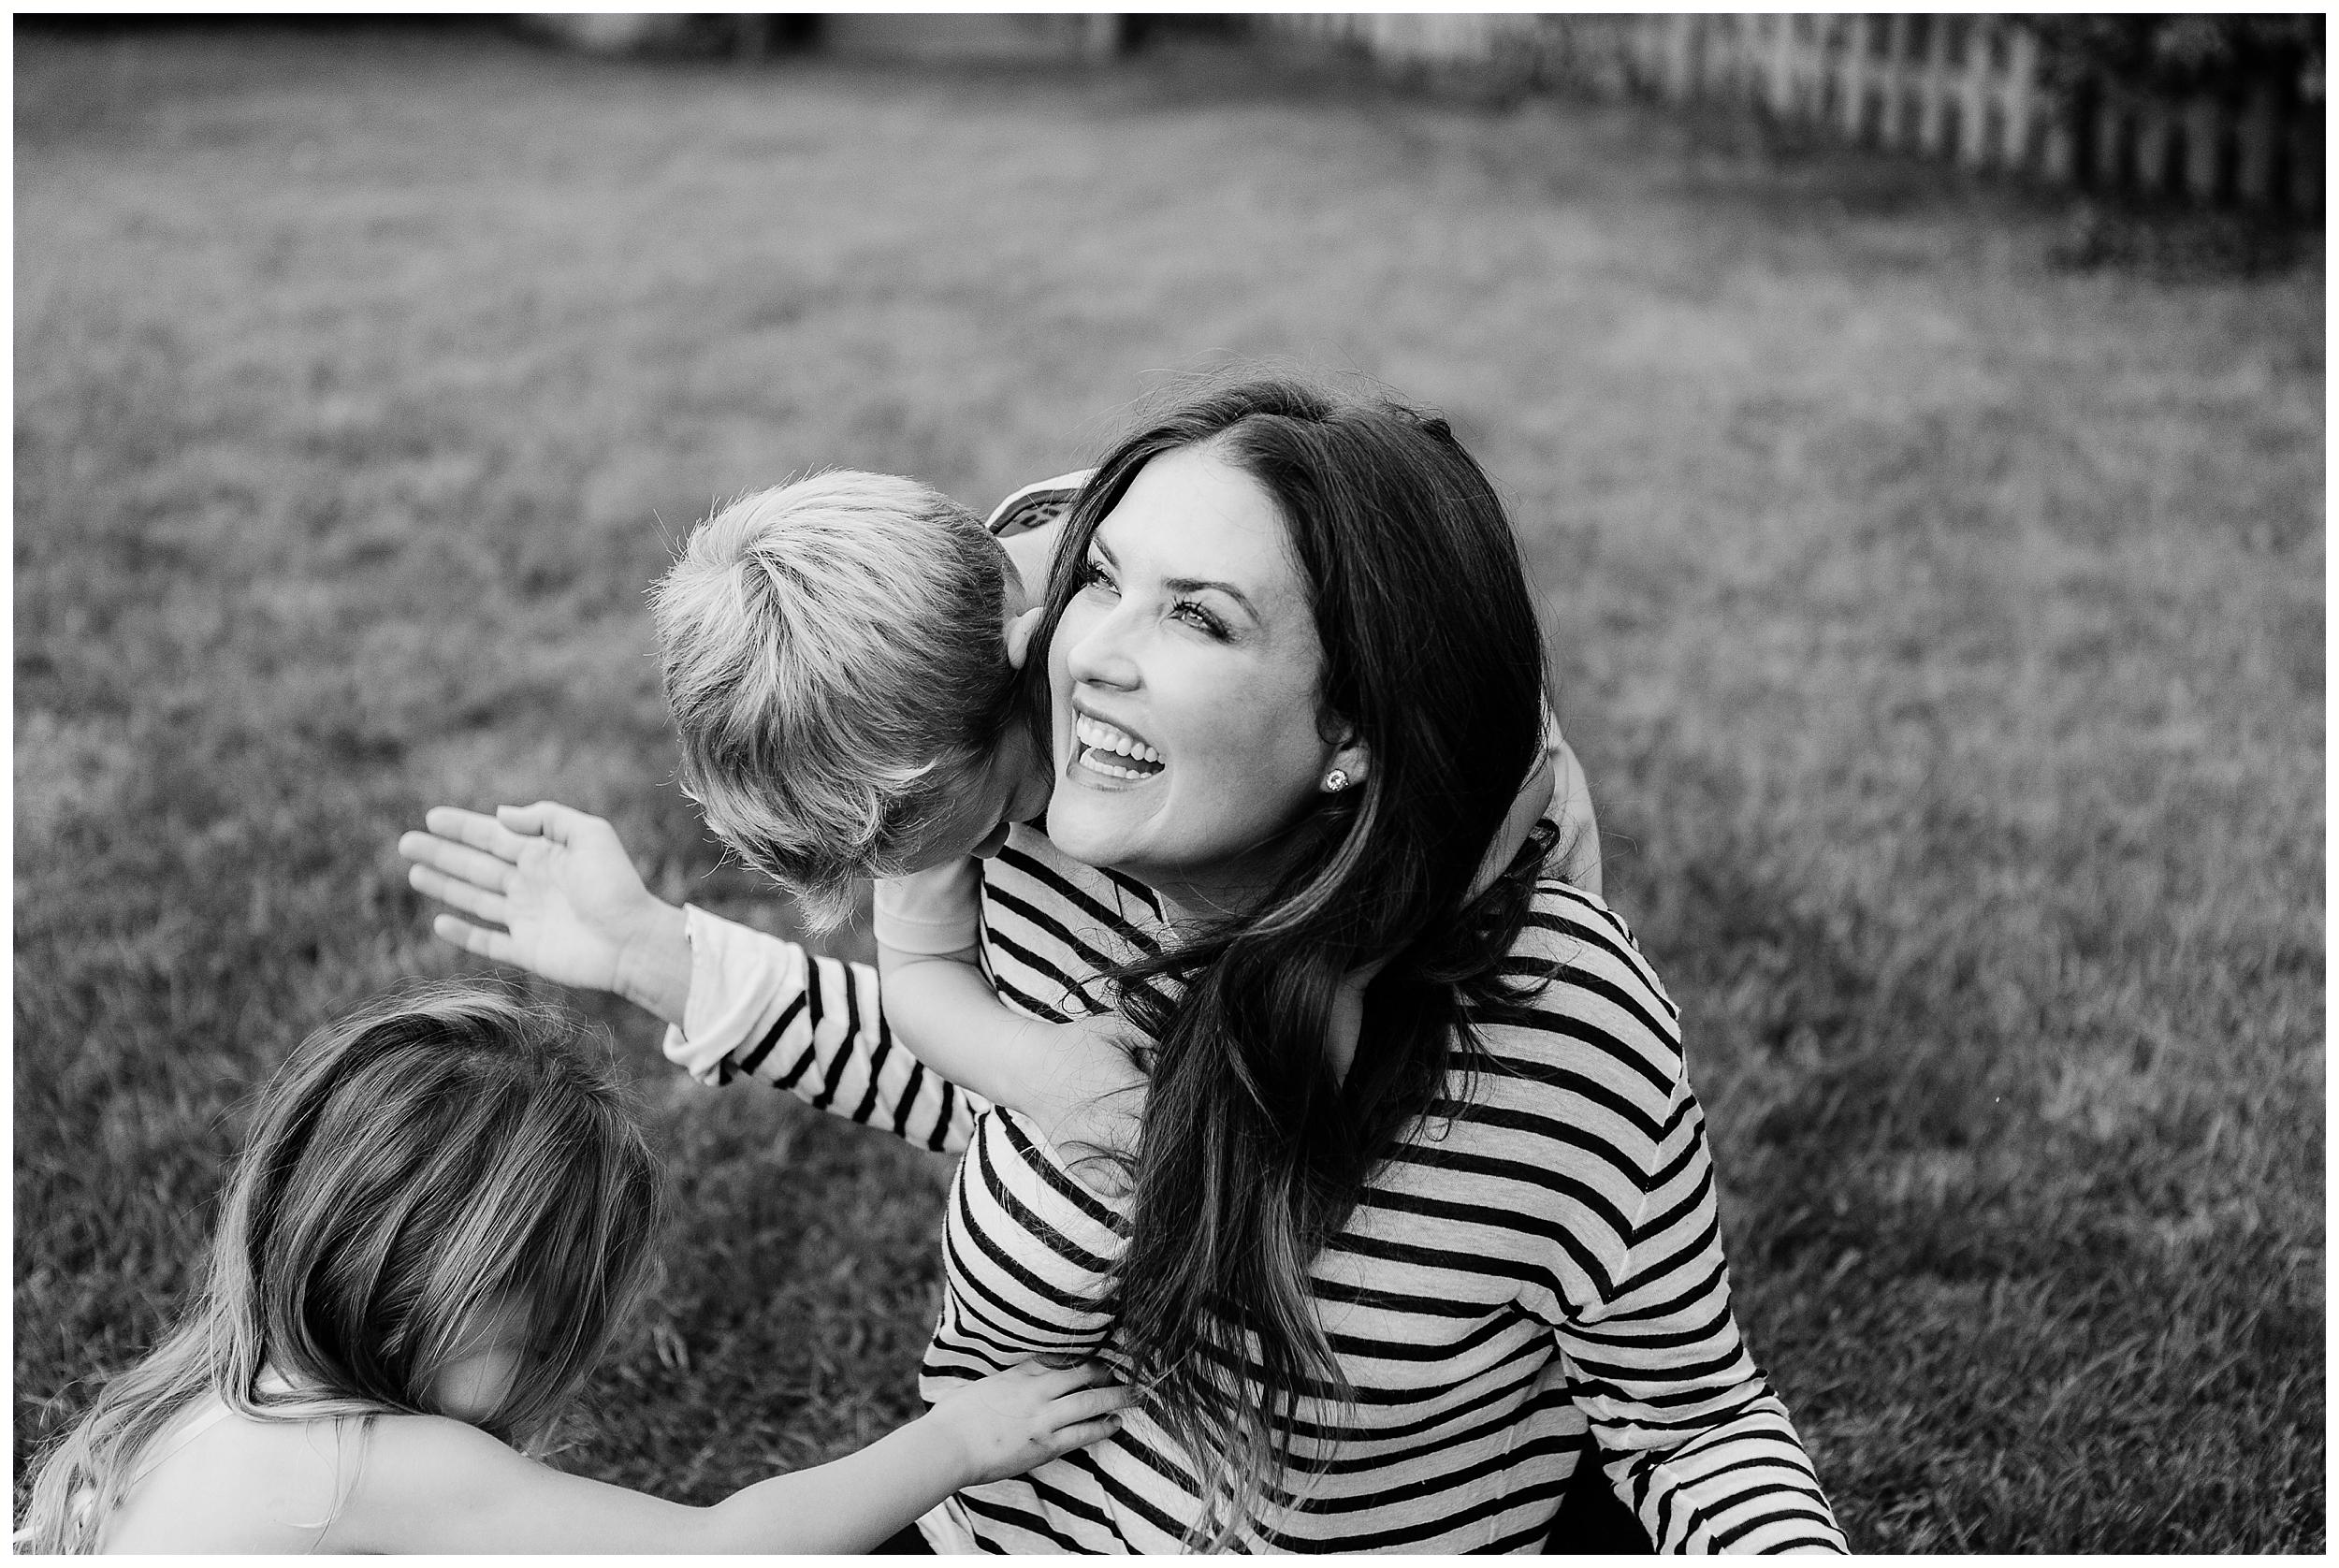 lexington-ky-family-lifestyle-photos-by-priscilla-baierlein_0092.jpg